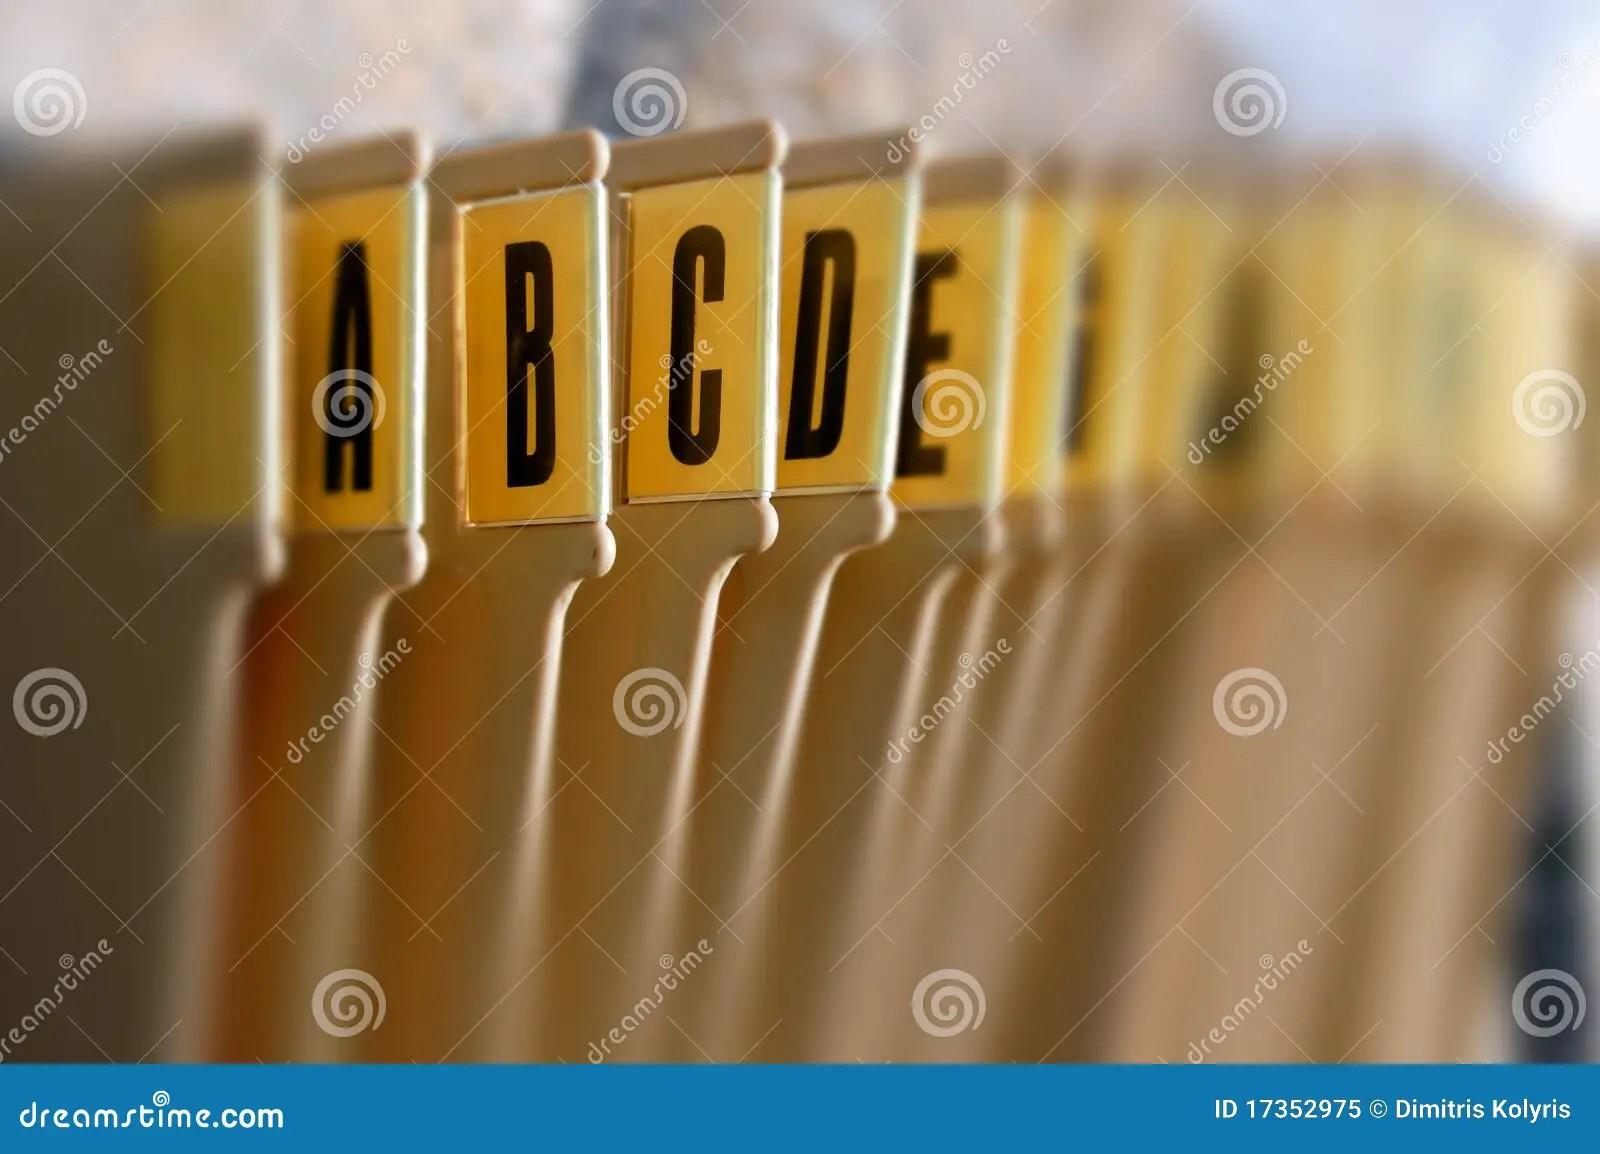 New Alphabetical Order Sorter